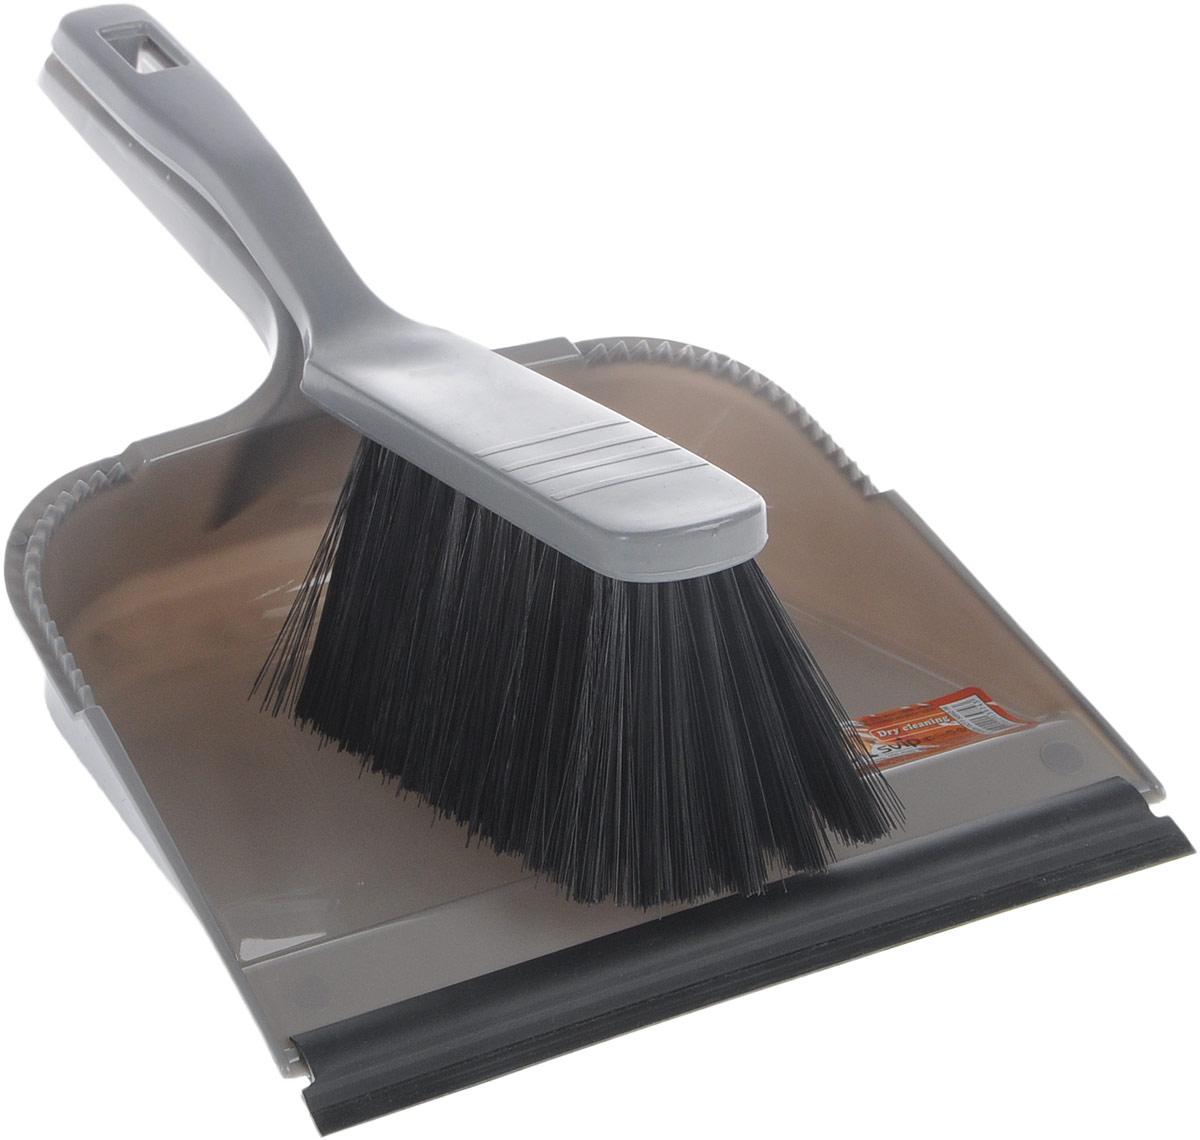 Набор для уборки Svip София, с кромкой, цвет: серый, 2 предметаSV3028СБНабор для уборки Svip София состоит из щетки-сметки и совка, выполненных из полипропилена. Он станет незаменимым помощником в деле удаления пыли и мусора с различных поверхностей. Ворс щетки достаточно длинный, что позволяет собирать даже крупный мусор. Края совка оснащены зубчиками для чистки щетки после ее использования. Совок имеет резиновую кромку, благодаря которой удобнее собирать мусор. Ручка совка позволяет прикреплять его к рукоятке щетки. На рукояти изделий имеется специальное отверстие для подвешивания. Длина щетки-сметки: 28 см. Длина ворса: 6,5 см. Размер рабочей поверхности совка: 21,5 см х 19,5 см. Размер совка (с учетом ручки): 33,2 см х 21,5 см х 6 см.